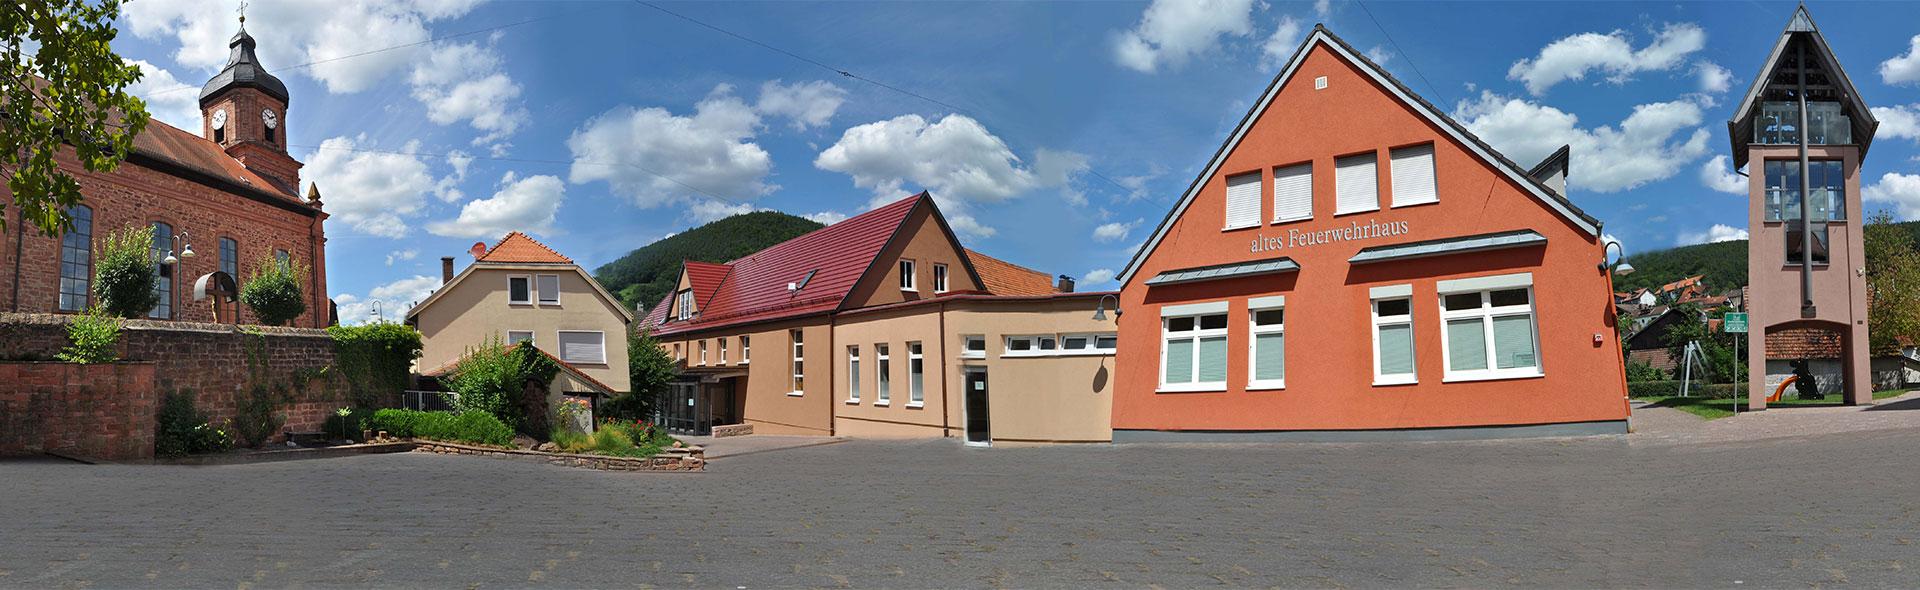 Weilbach Ortschaft